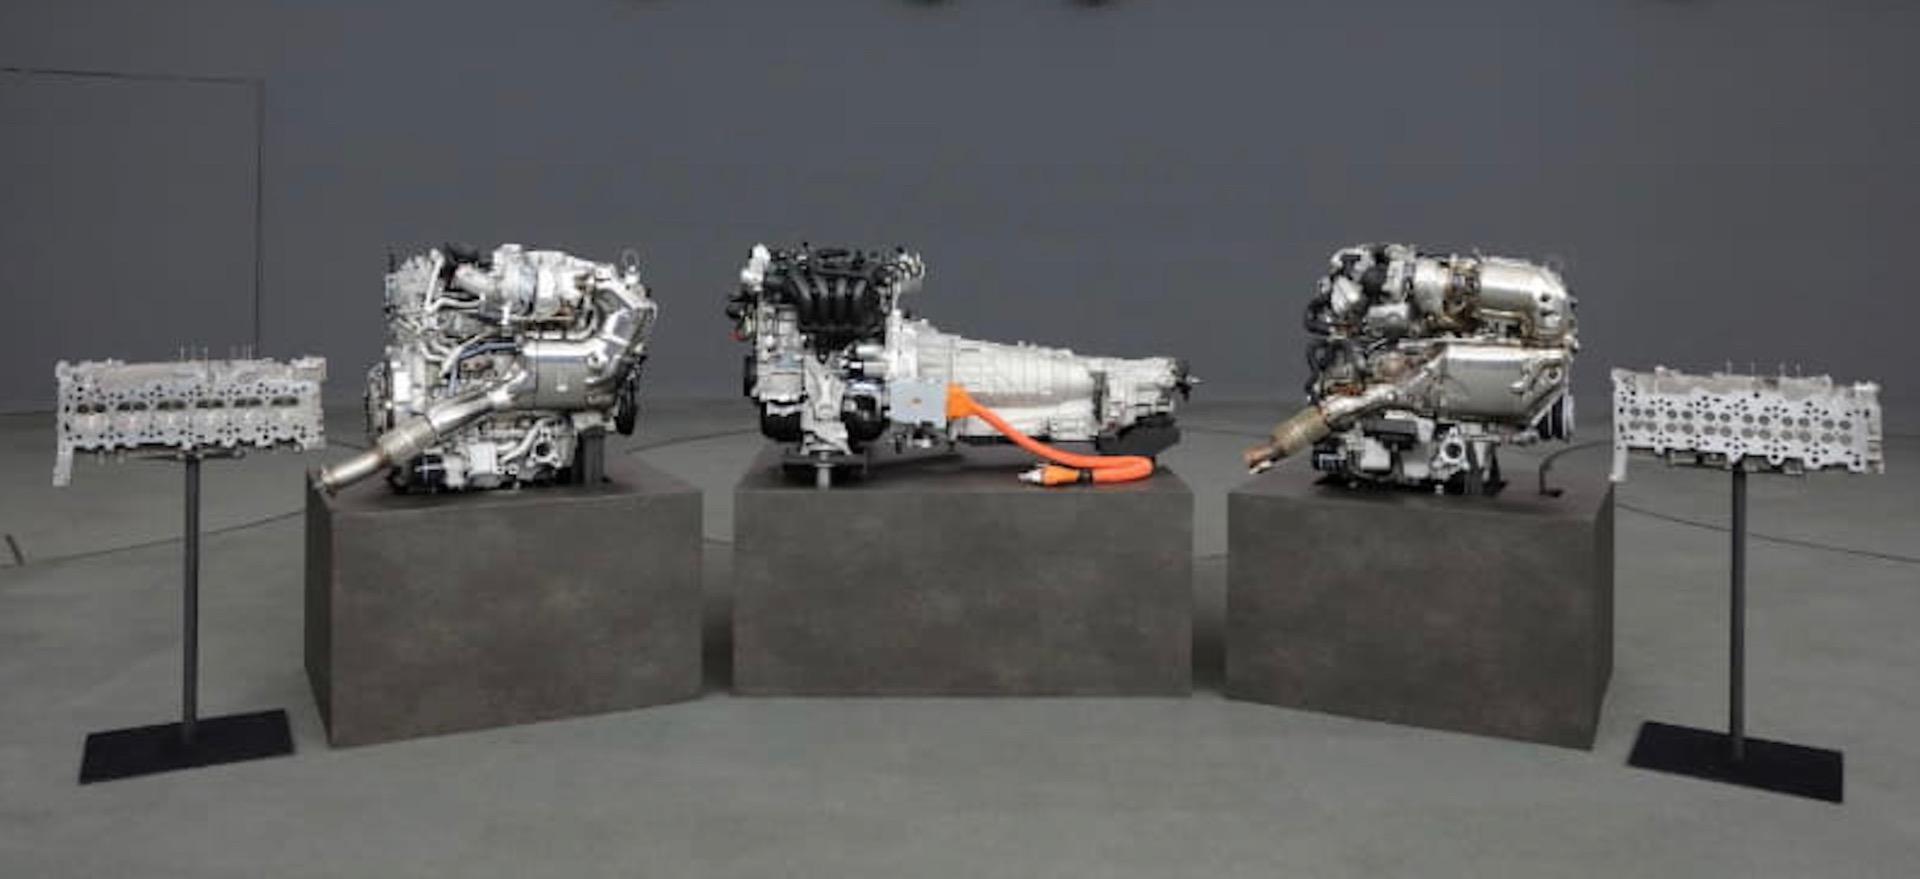 Μήπως το νέο 6κύλινδρο μοτέρ της Mazda είναι εκτός εποχής;